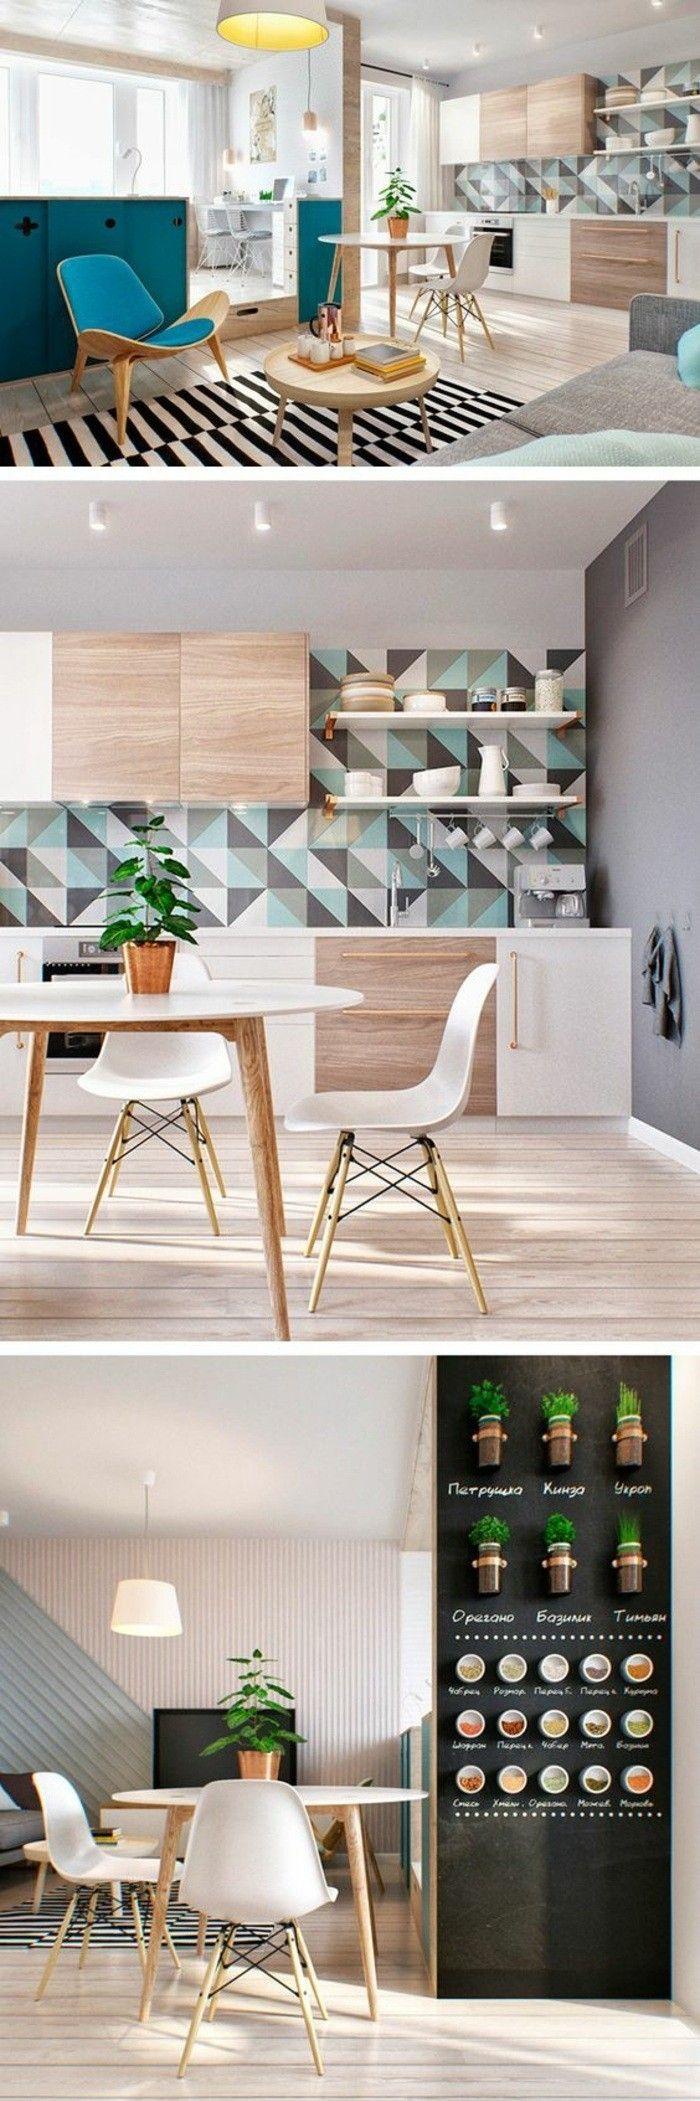 ber ideen zu pflanztisch auf pinterest pflanztisch selber bauen garten und gew chsh user. Black Bedroom Furniture Sets. Home Design Ideas